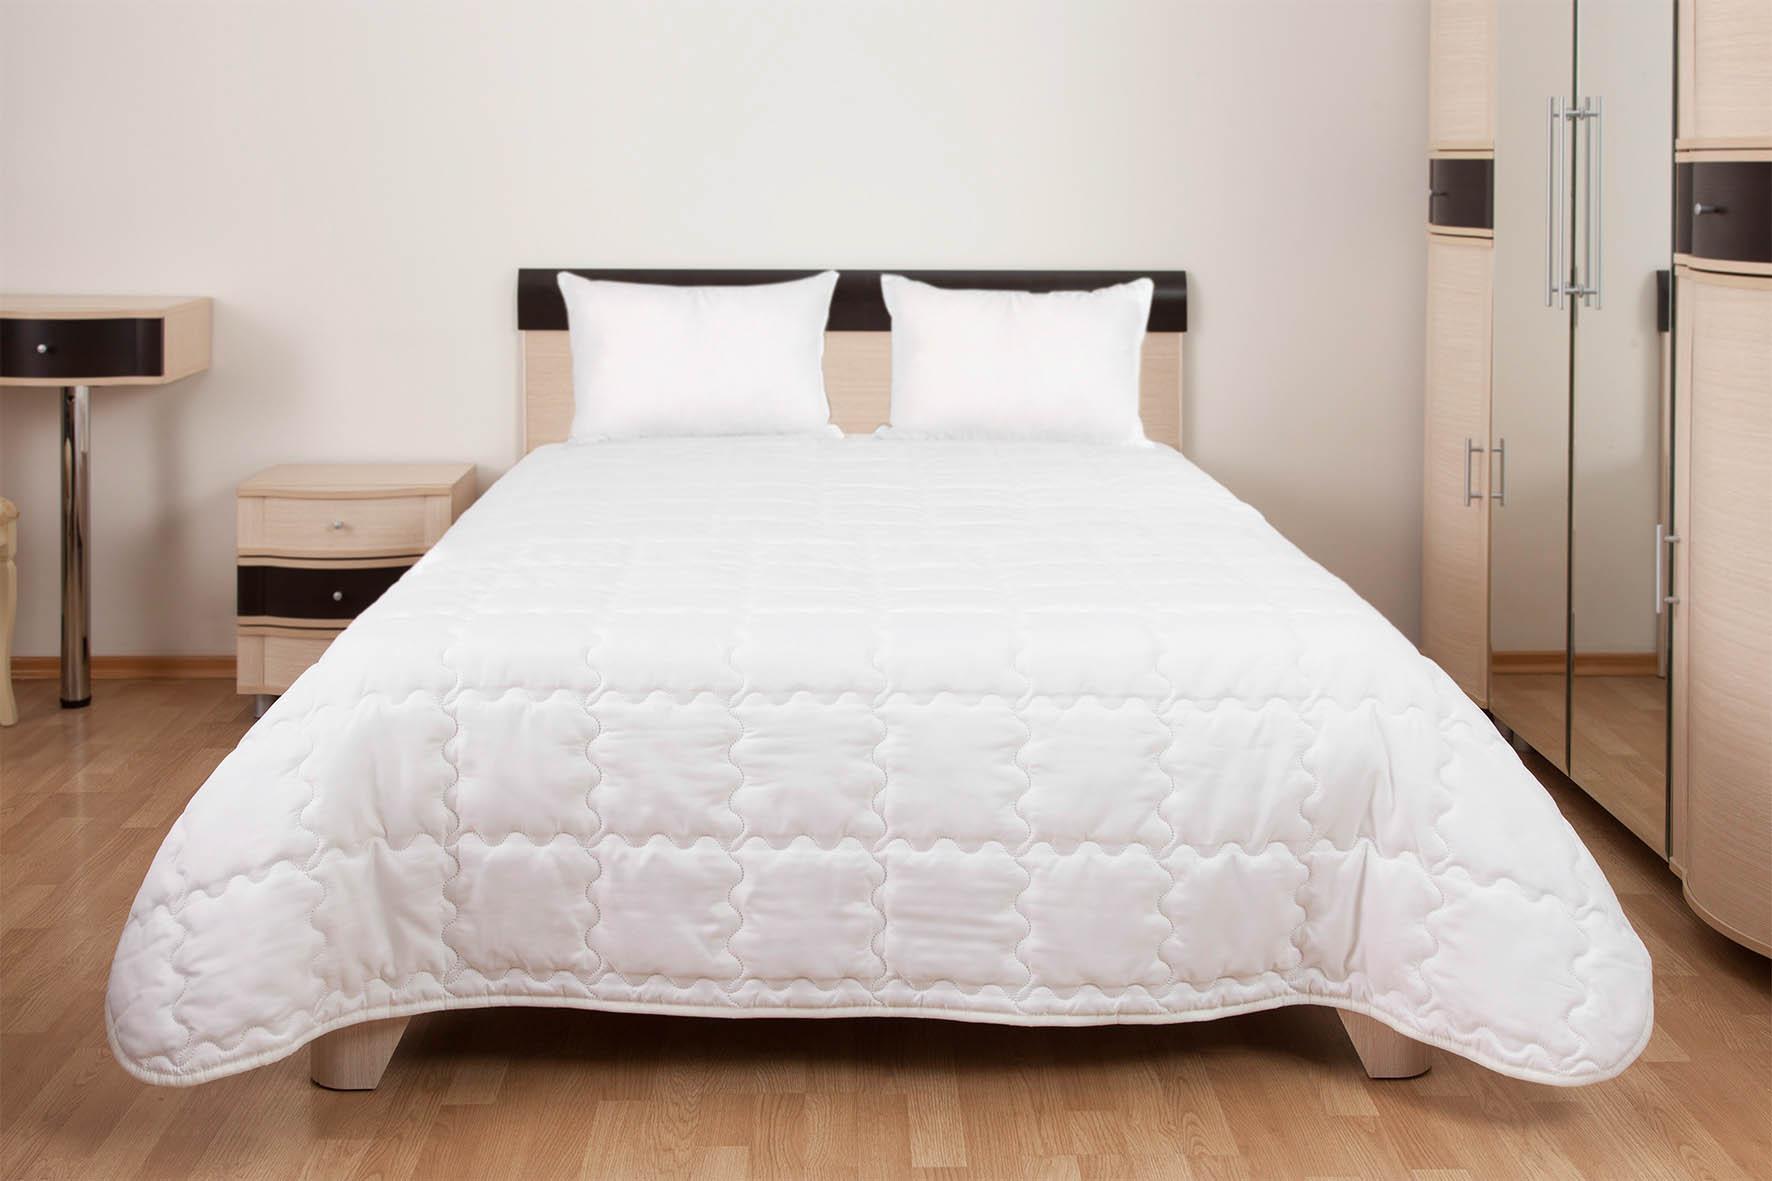 Одеяла Primavelle Одеяло Nelia light Цвет: Белый (140х205 см)